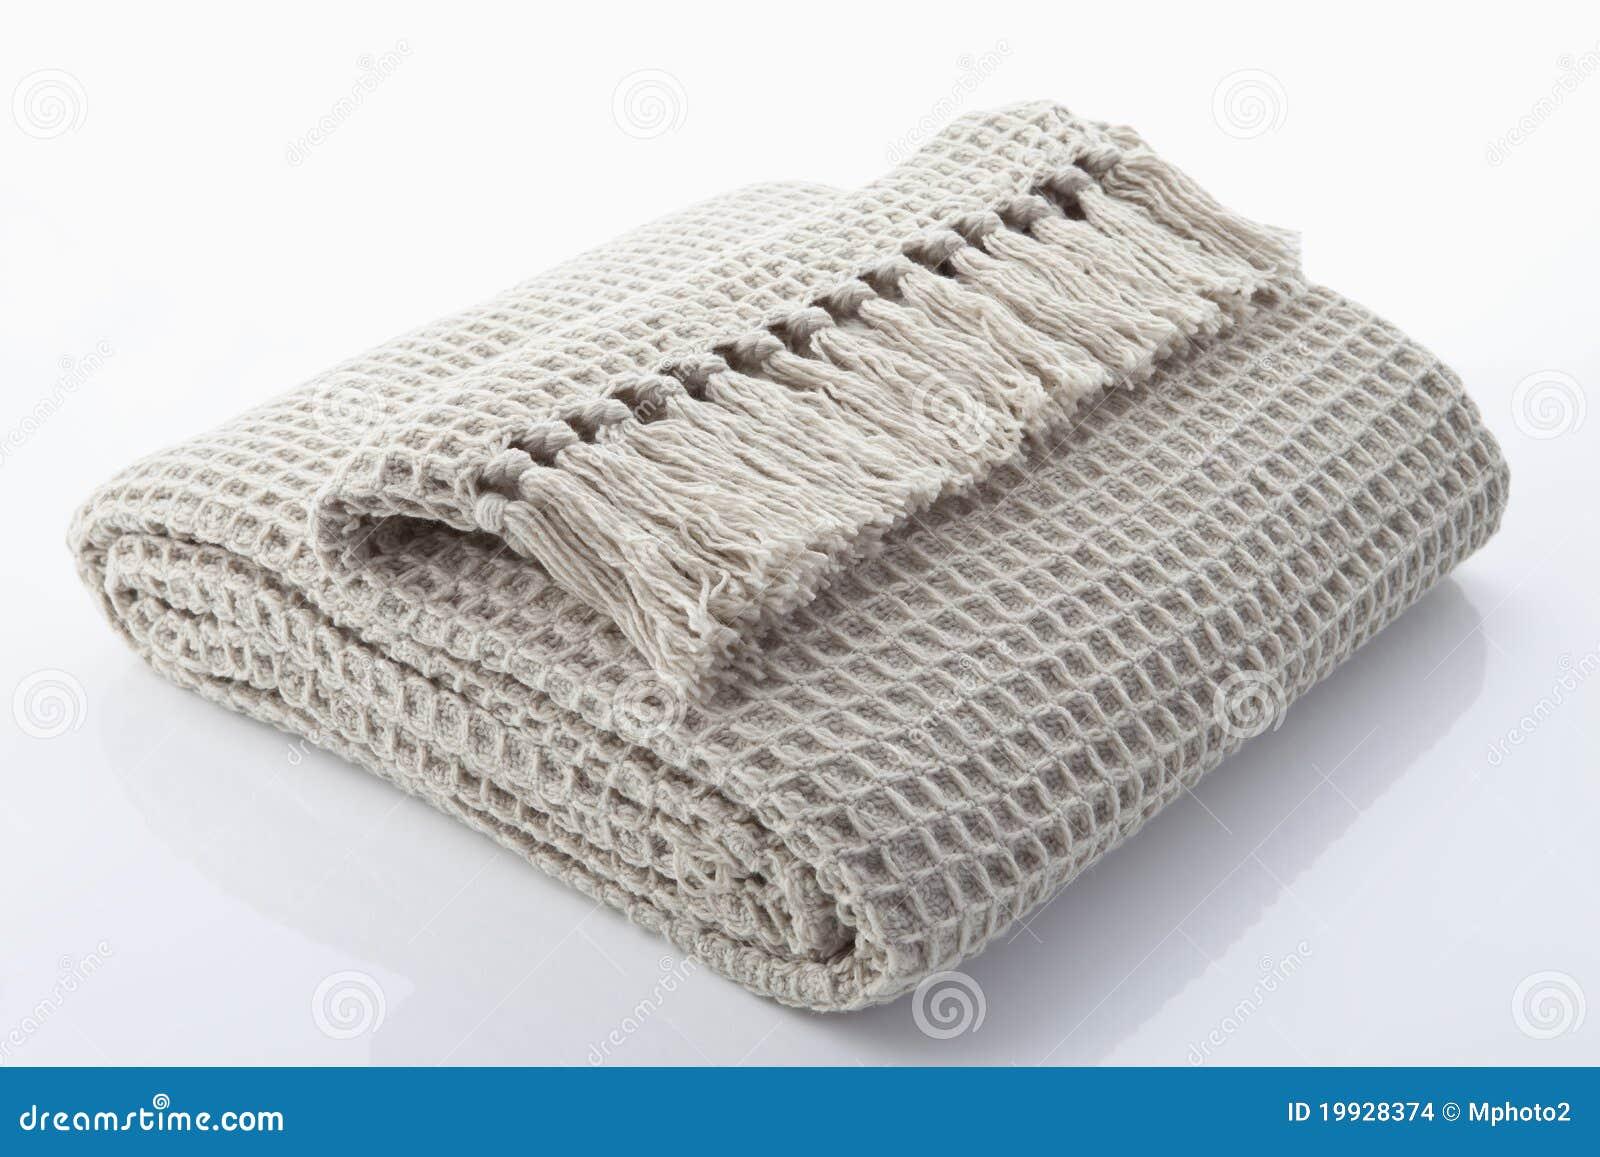 Coperta di lana immagini stock immagine 19928374 for Piani di coperta autoportanti